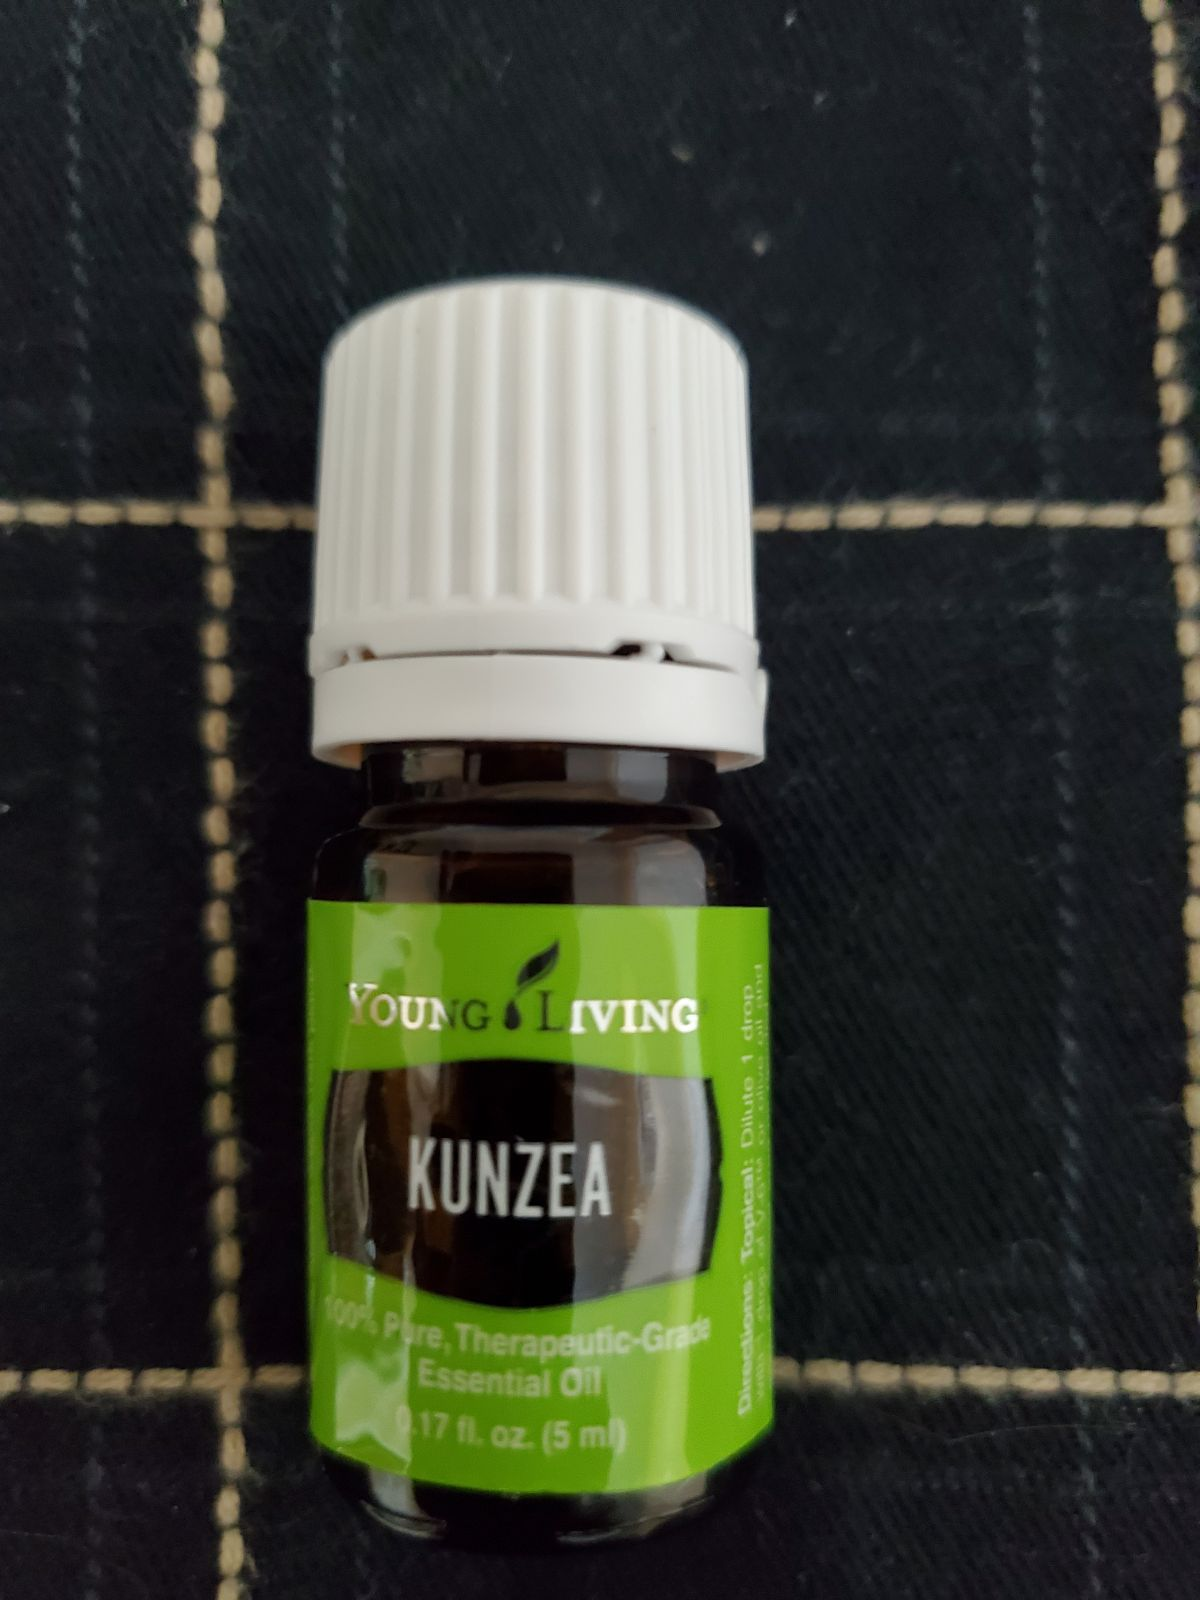 Young Living 1/2 Price Kunzea